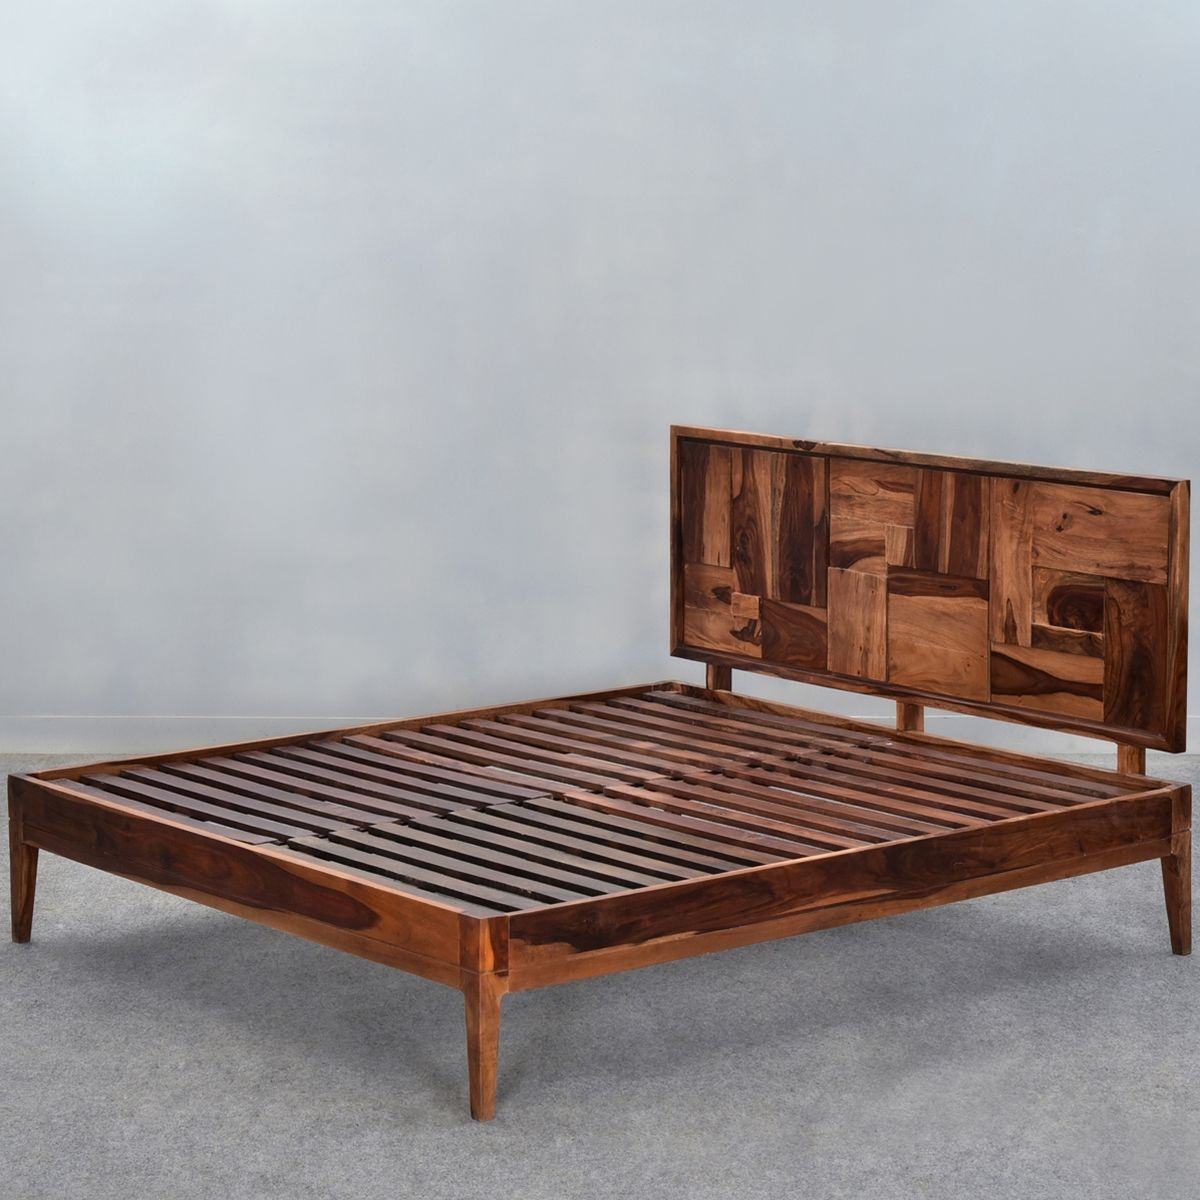 Wood Platform Bed Frame Image By Elise M On Muebles De Dormitorio